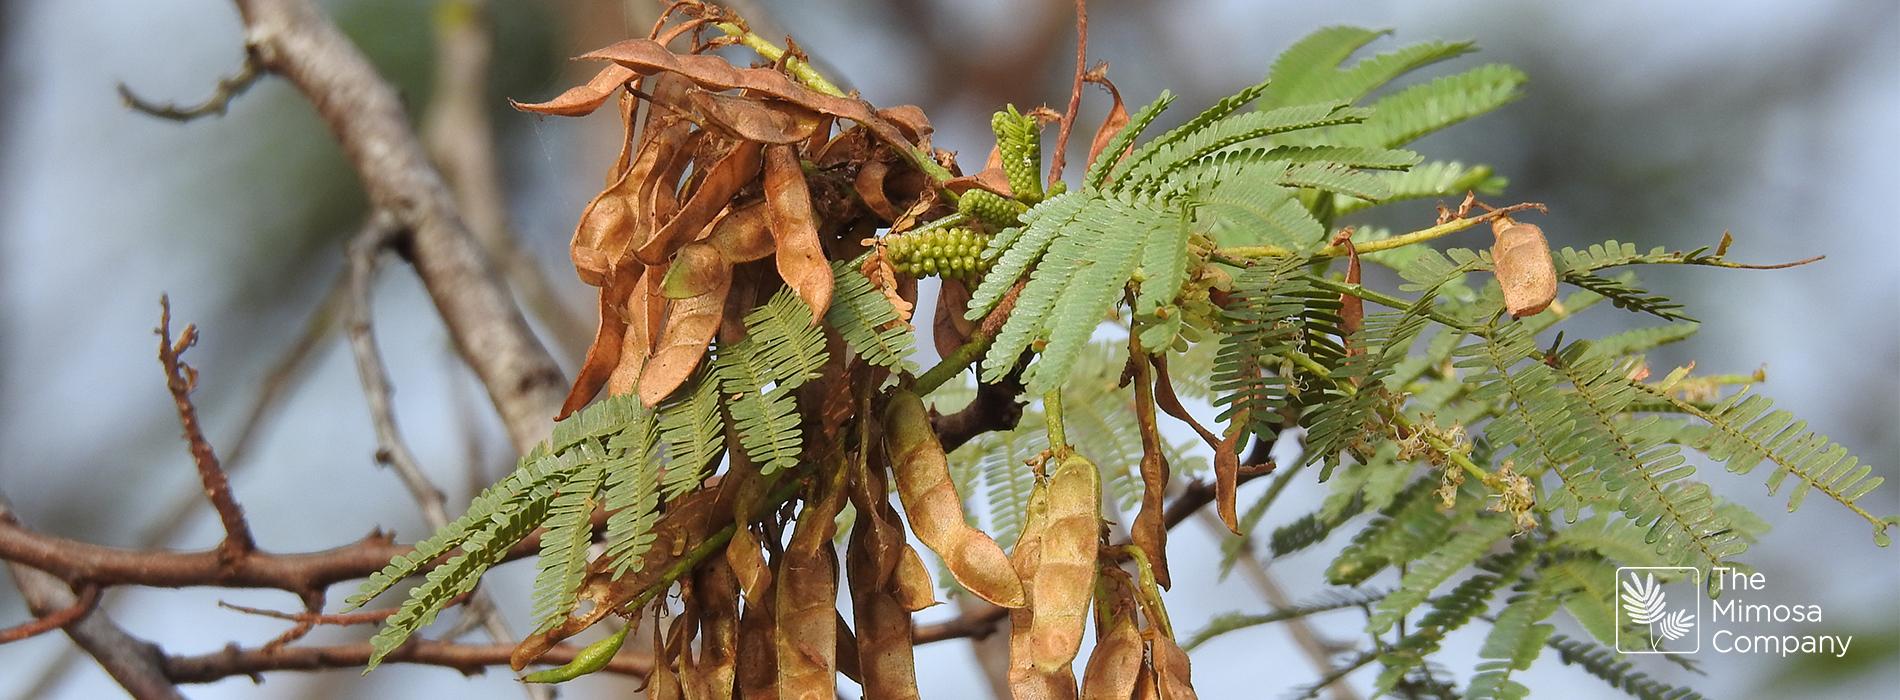 Mimosa hostilis-Bäume im tropischen Laubwald